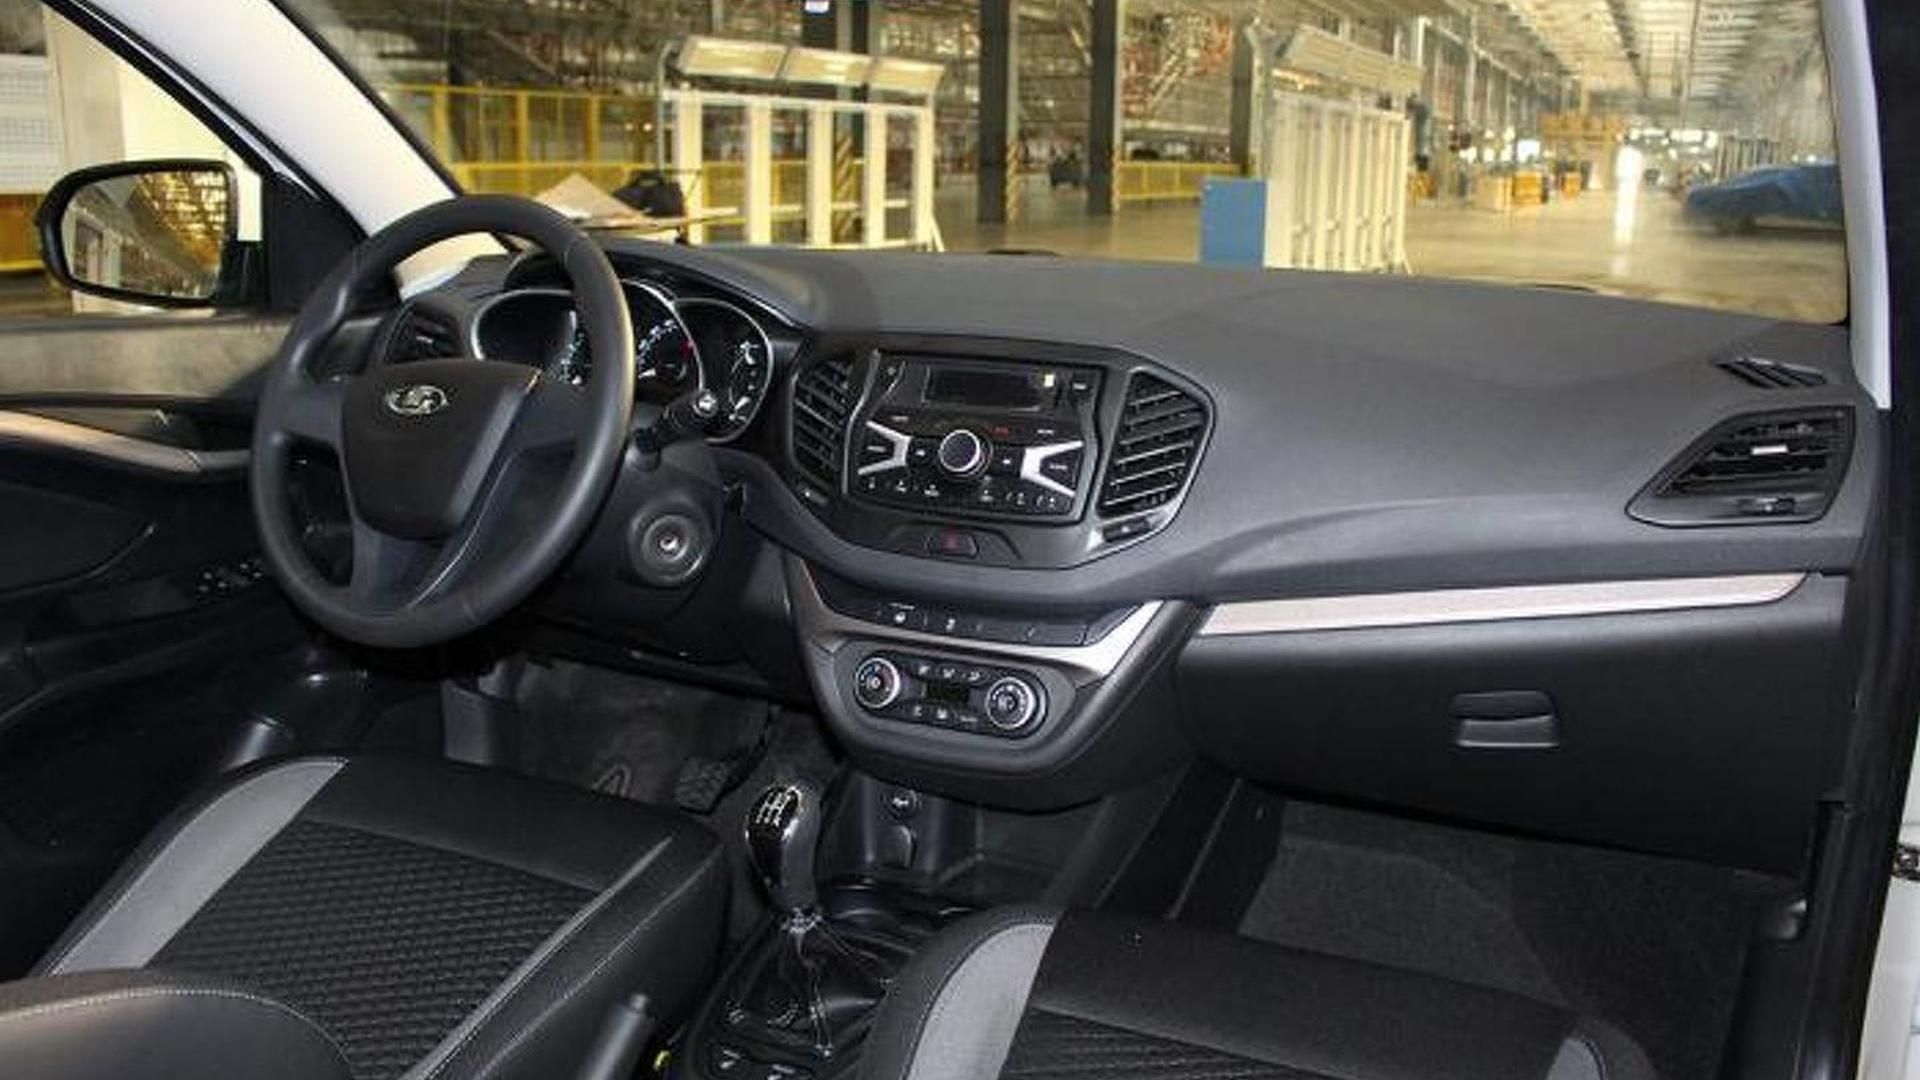 Production Lada Vesta interior spied undisguised